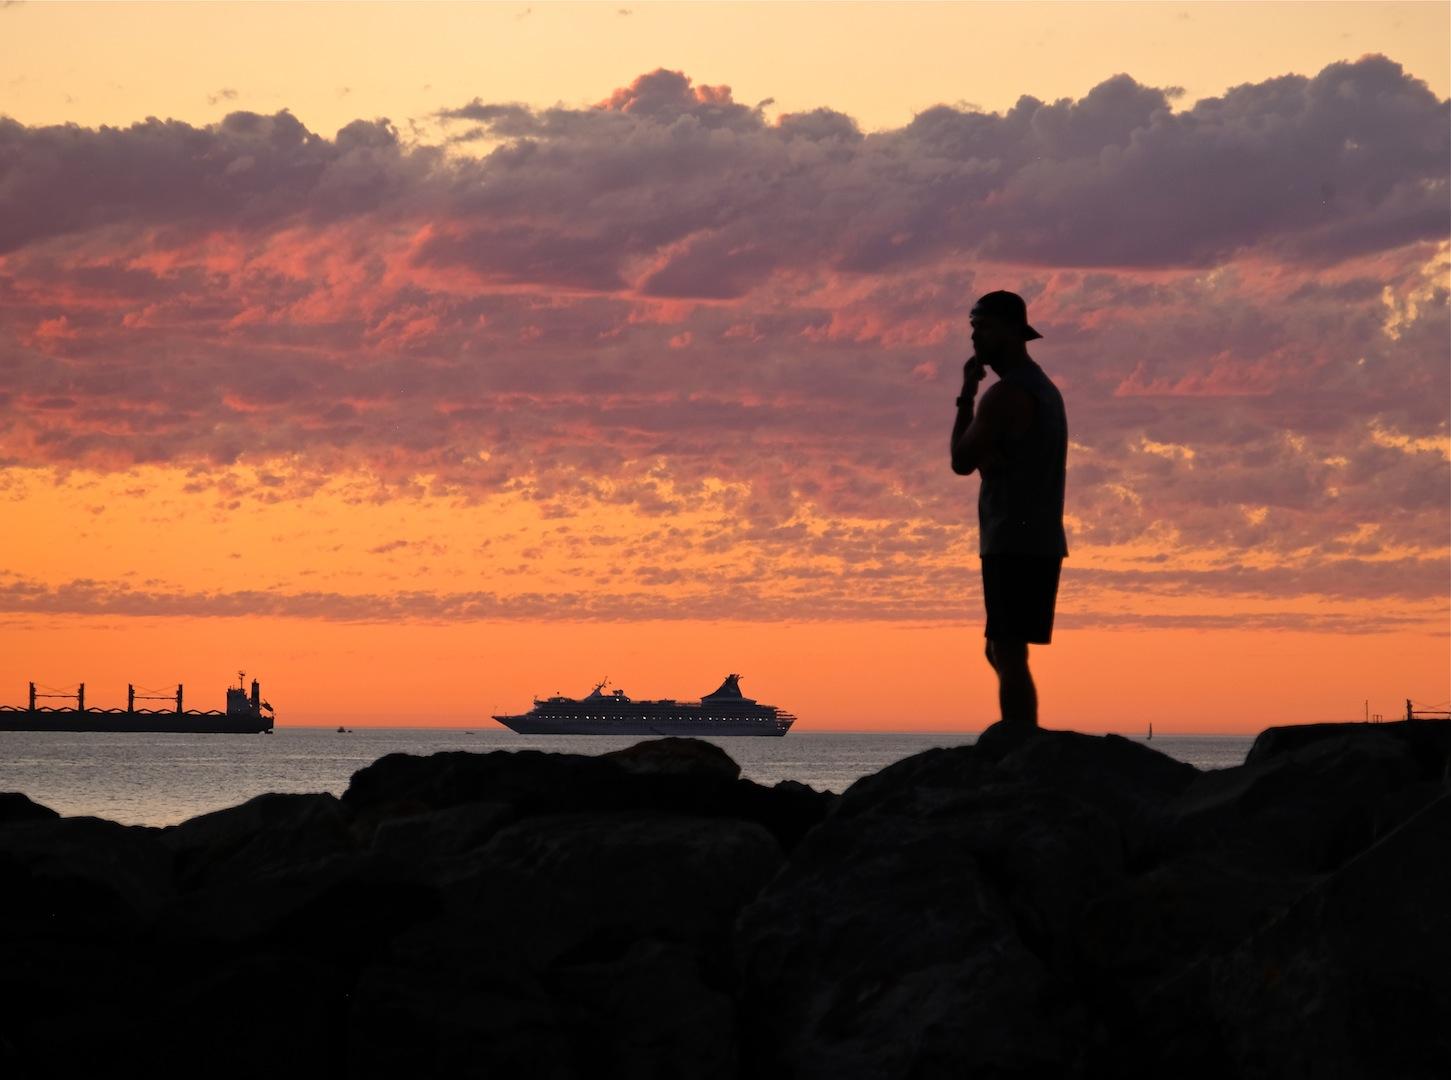 MV ARTANIA APPROACHING FREO